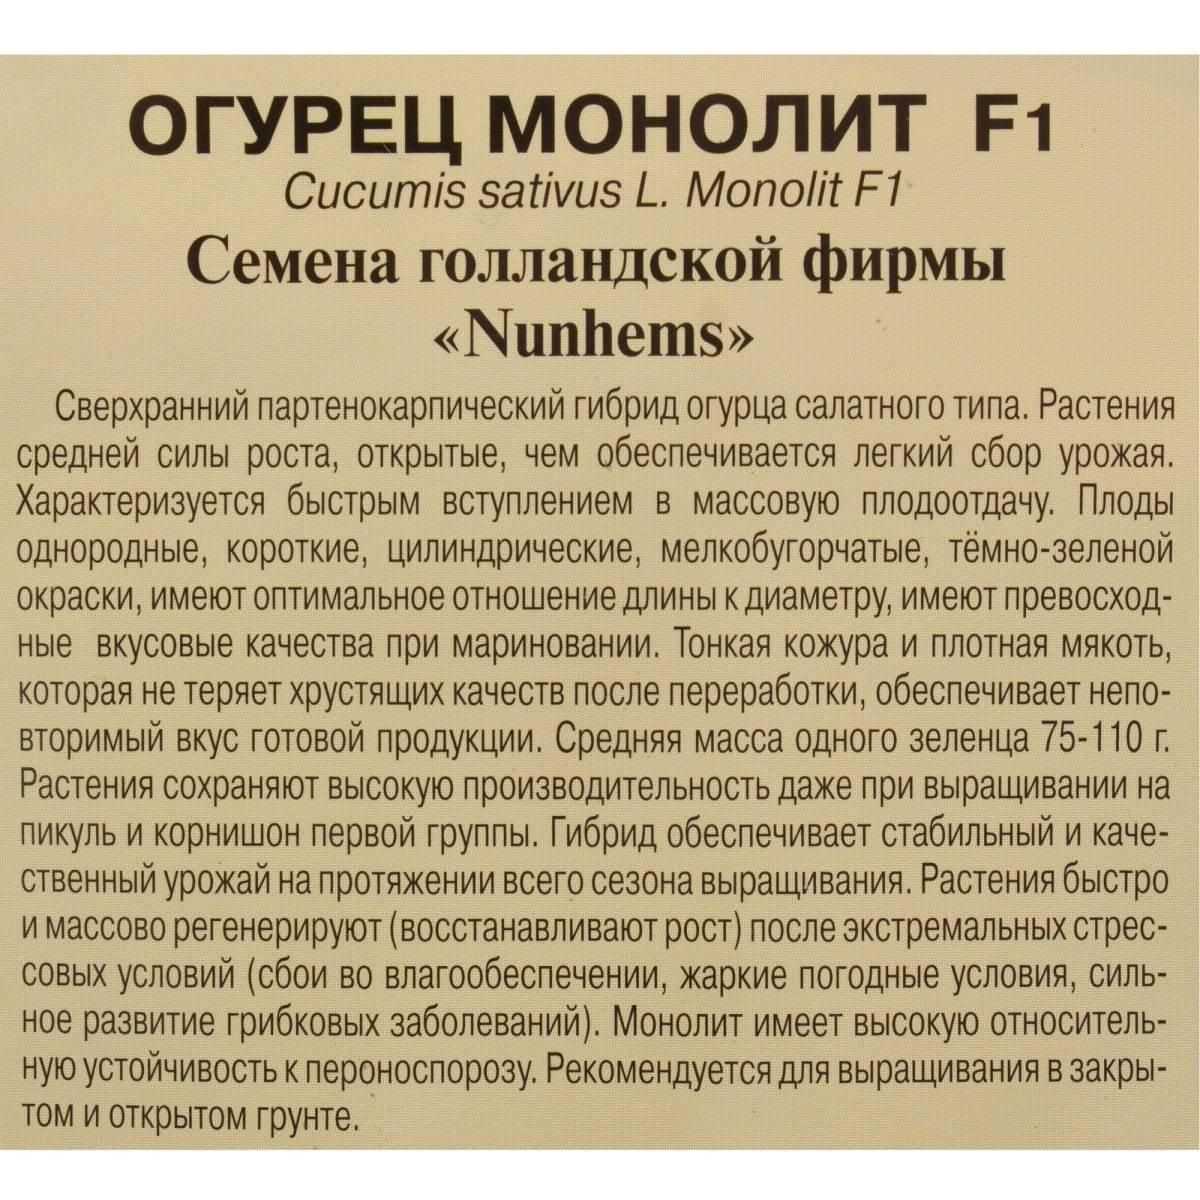 Огурец монолит — описание сорта, фото, отзывы, посадка и уход